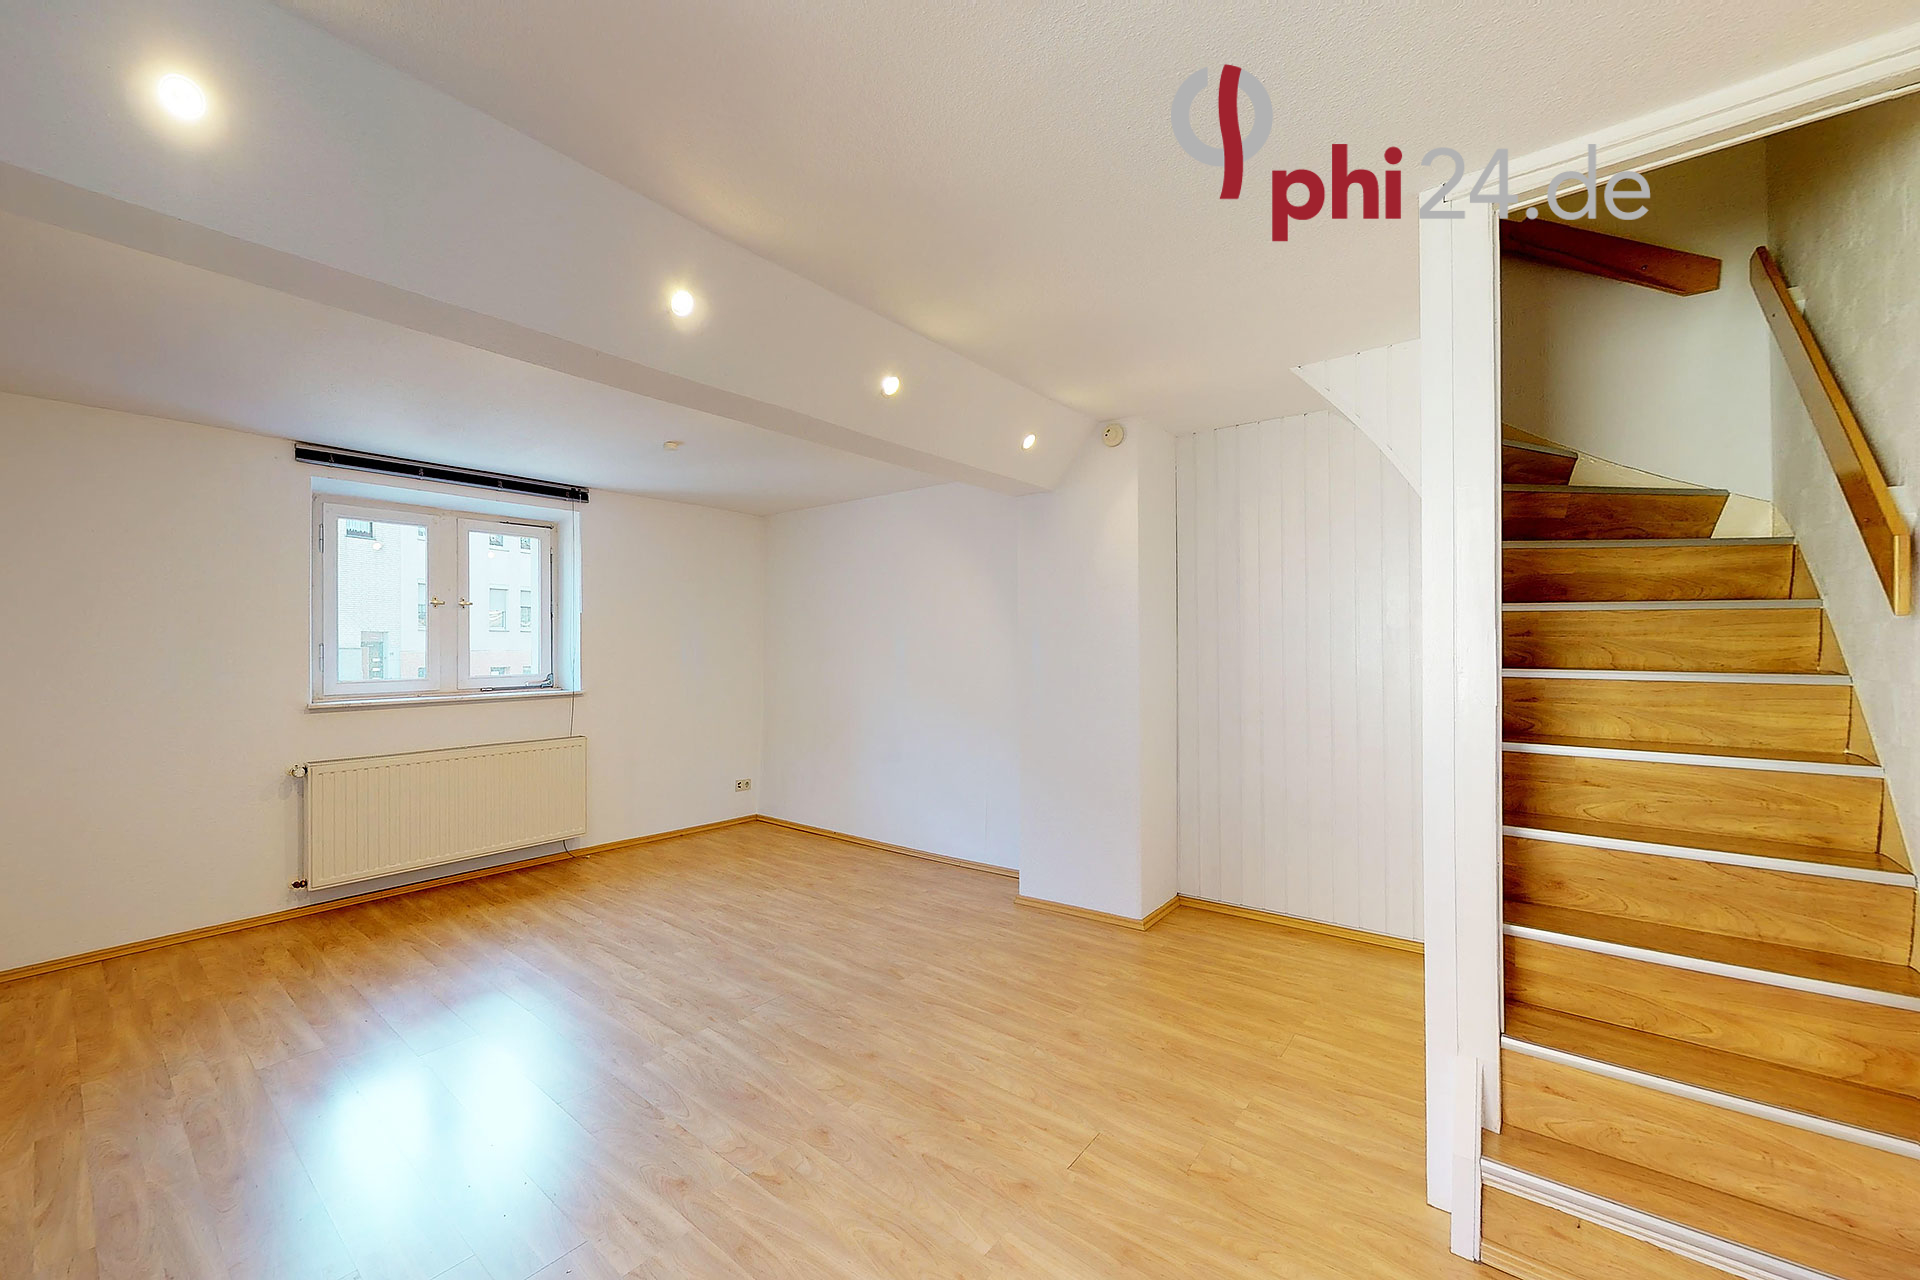 Immobilienmakler Würselen Reiheneckhaus referenzen mit Immobilienbewertung